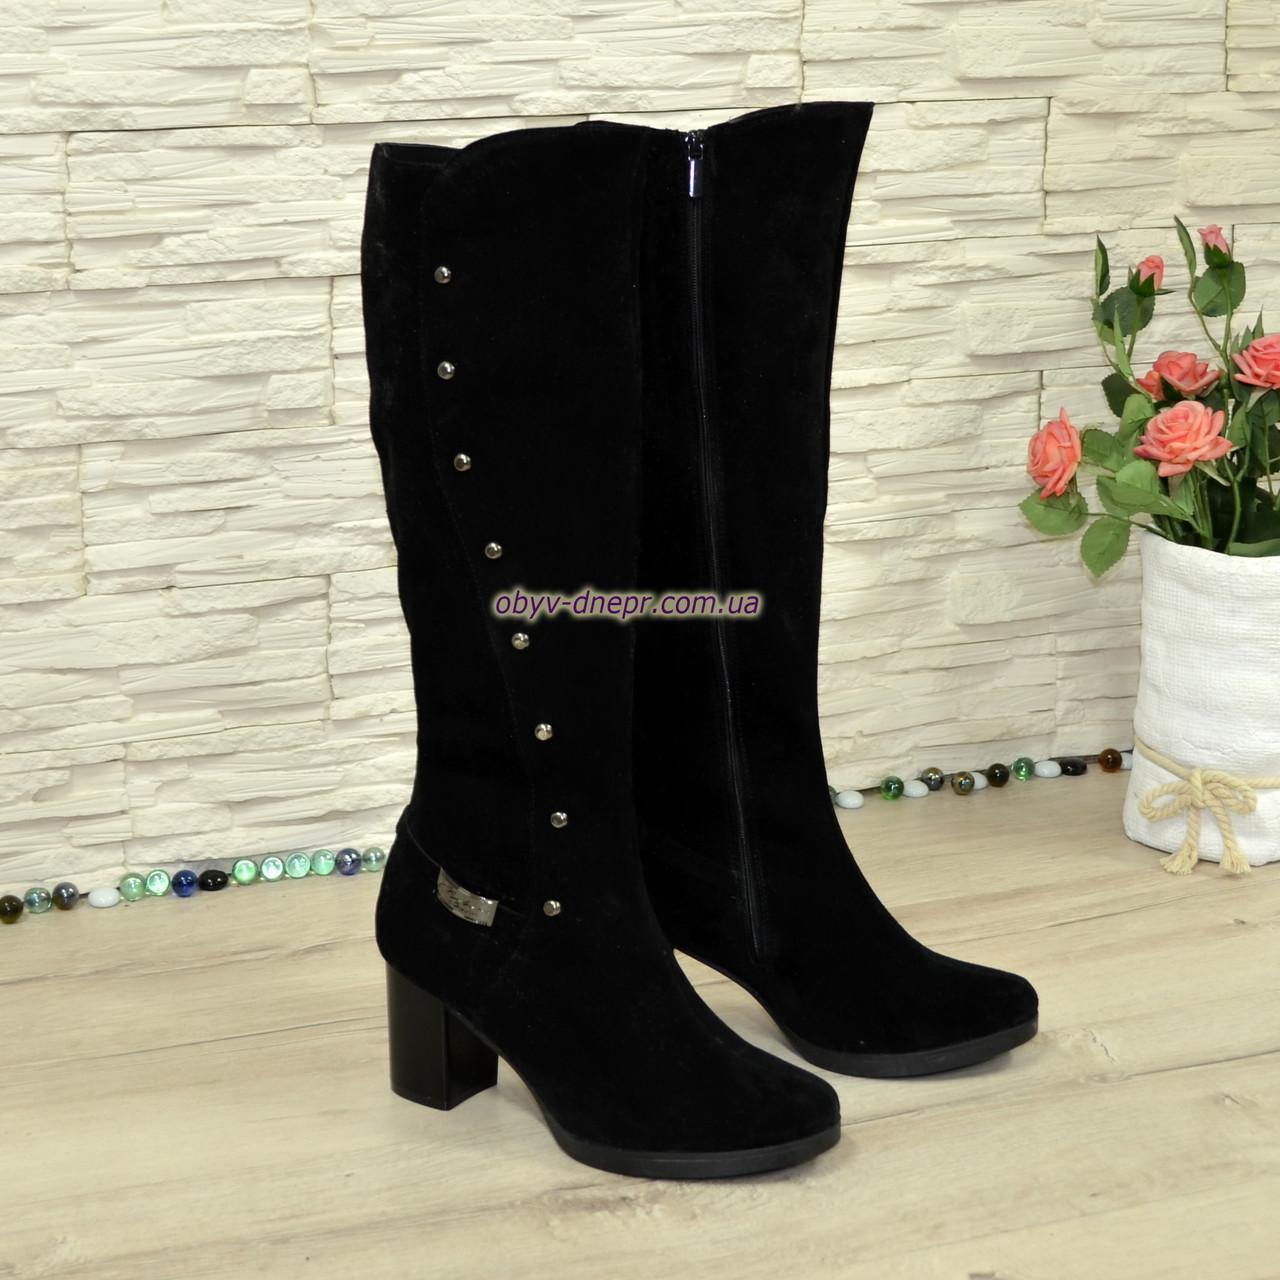 Сапоги замшевые зимние на устойчивом каблуке, декорированы заклепками и фурнитурой